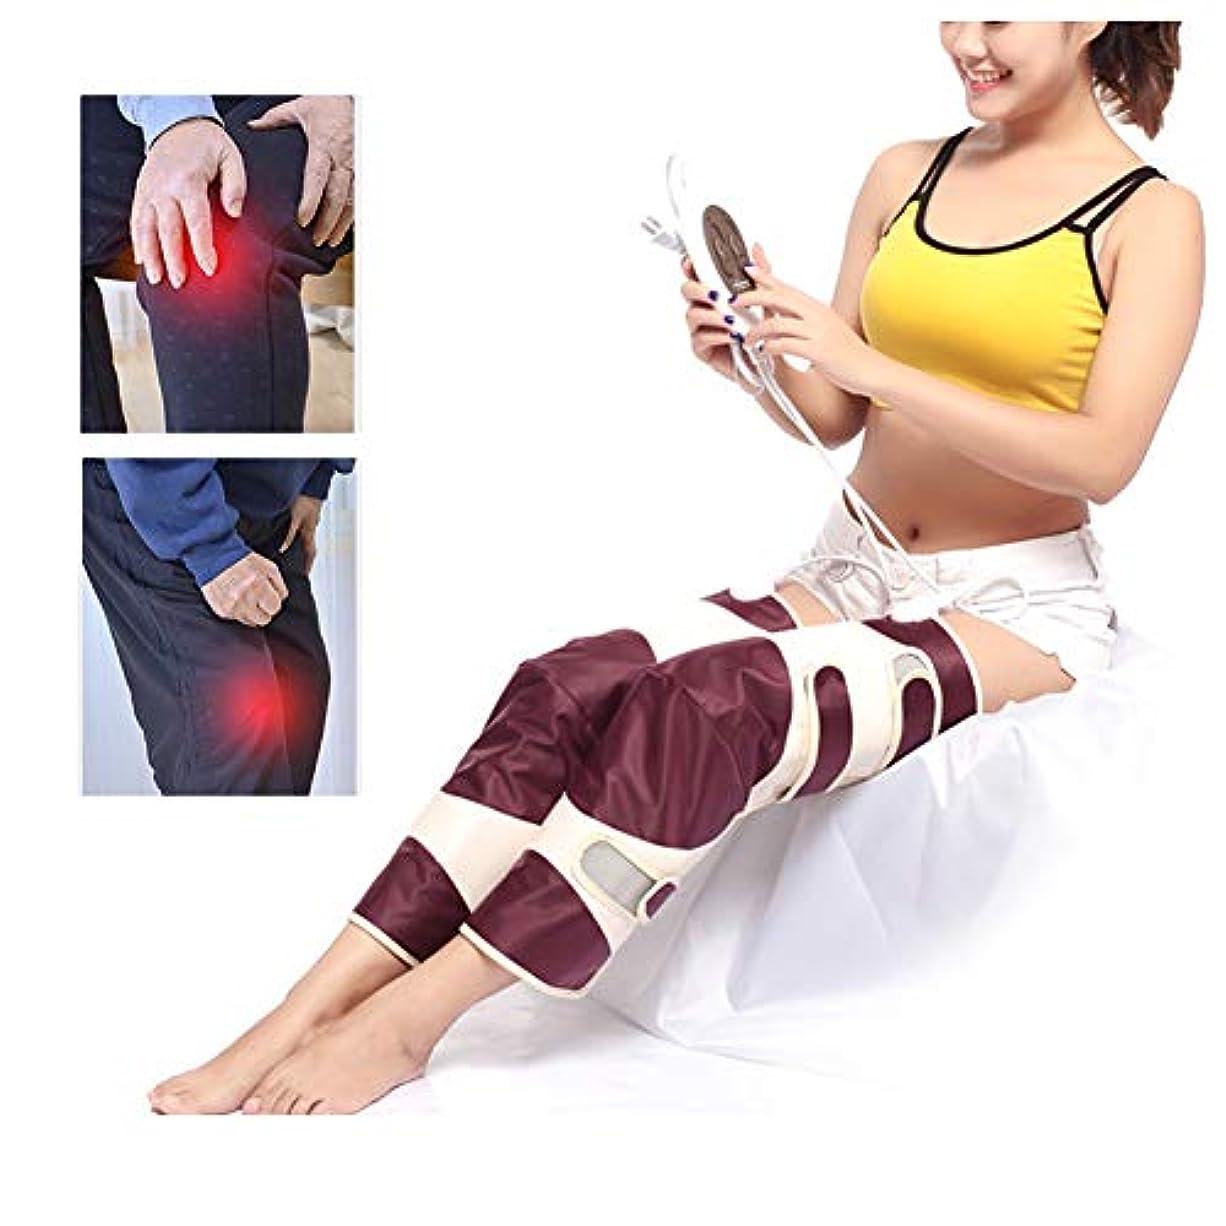 内なる衣装皮膝の怪我、痛みを軽減するための電気加熱膝ブレースサポート - 膝温かいラップ加熱パッド - 遠赤外線治療マッサージャー